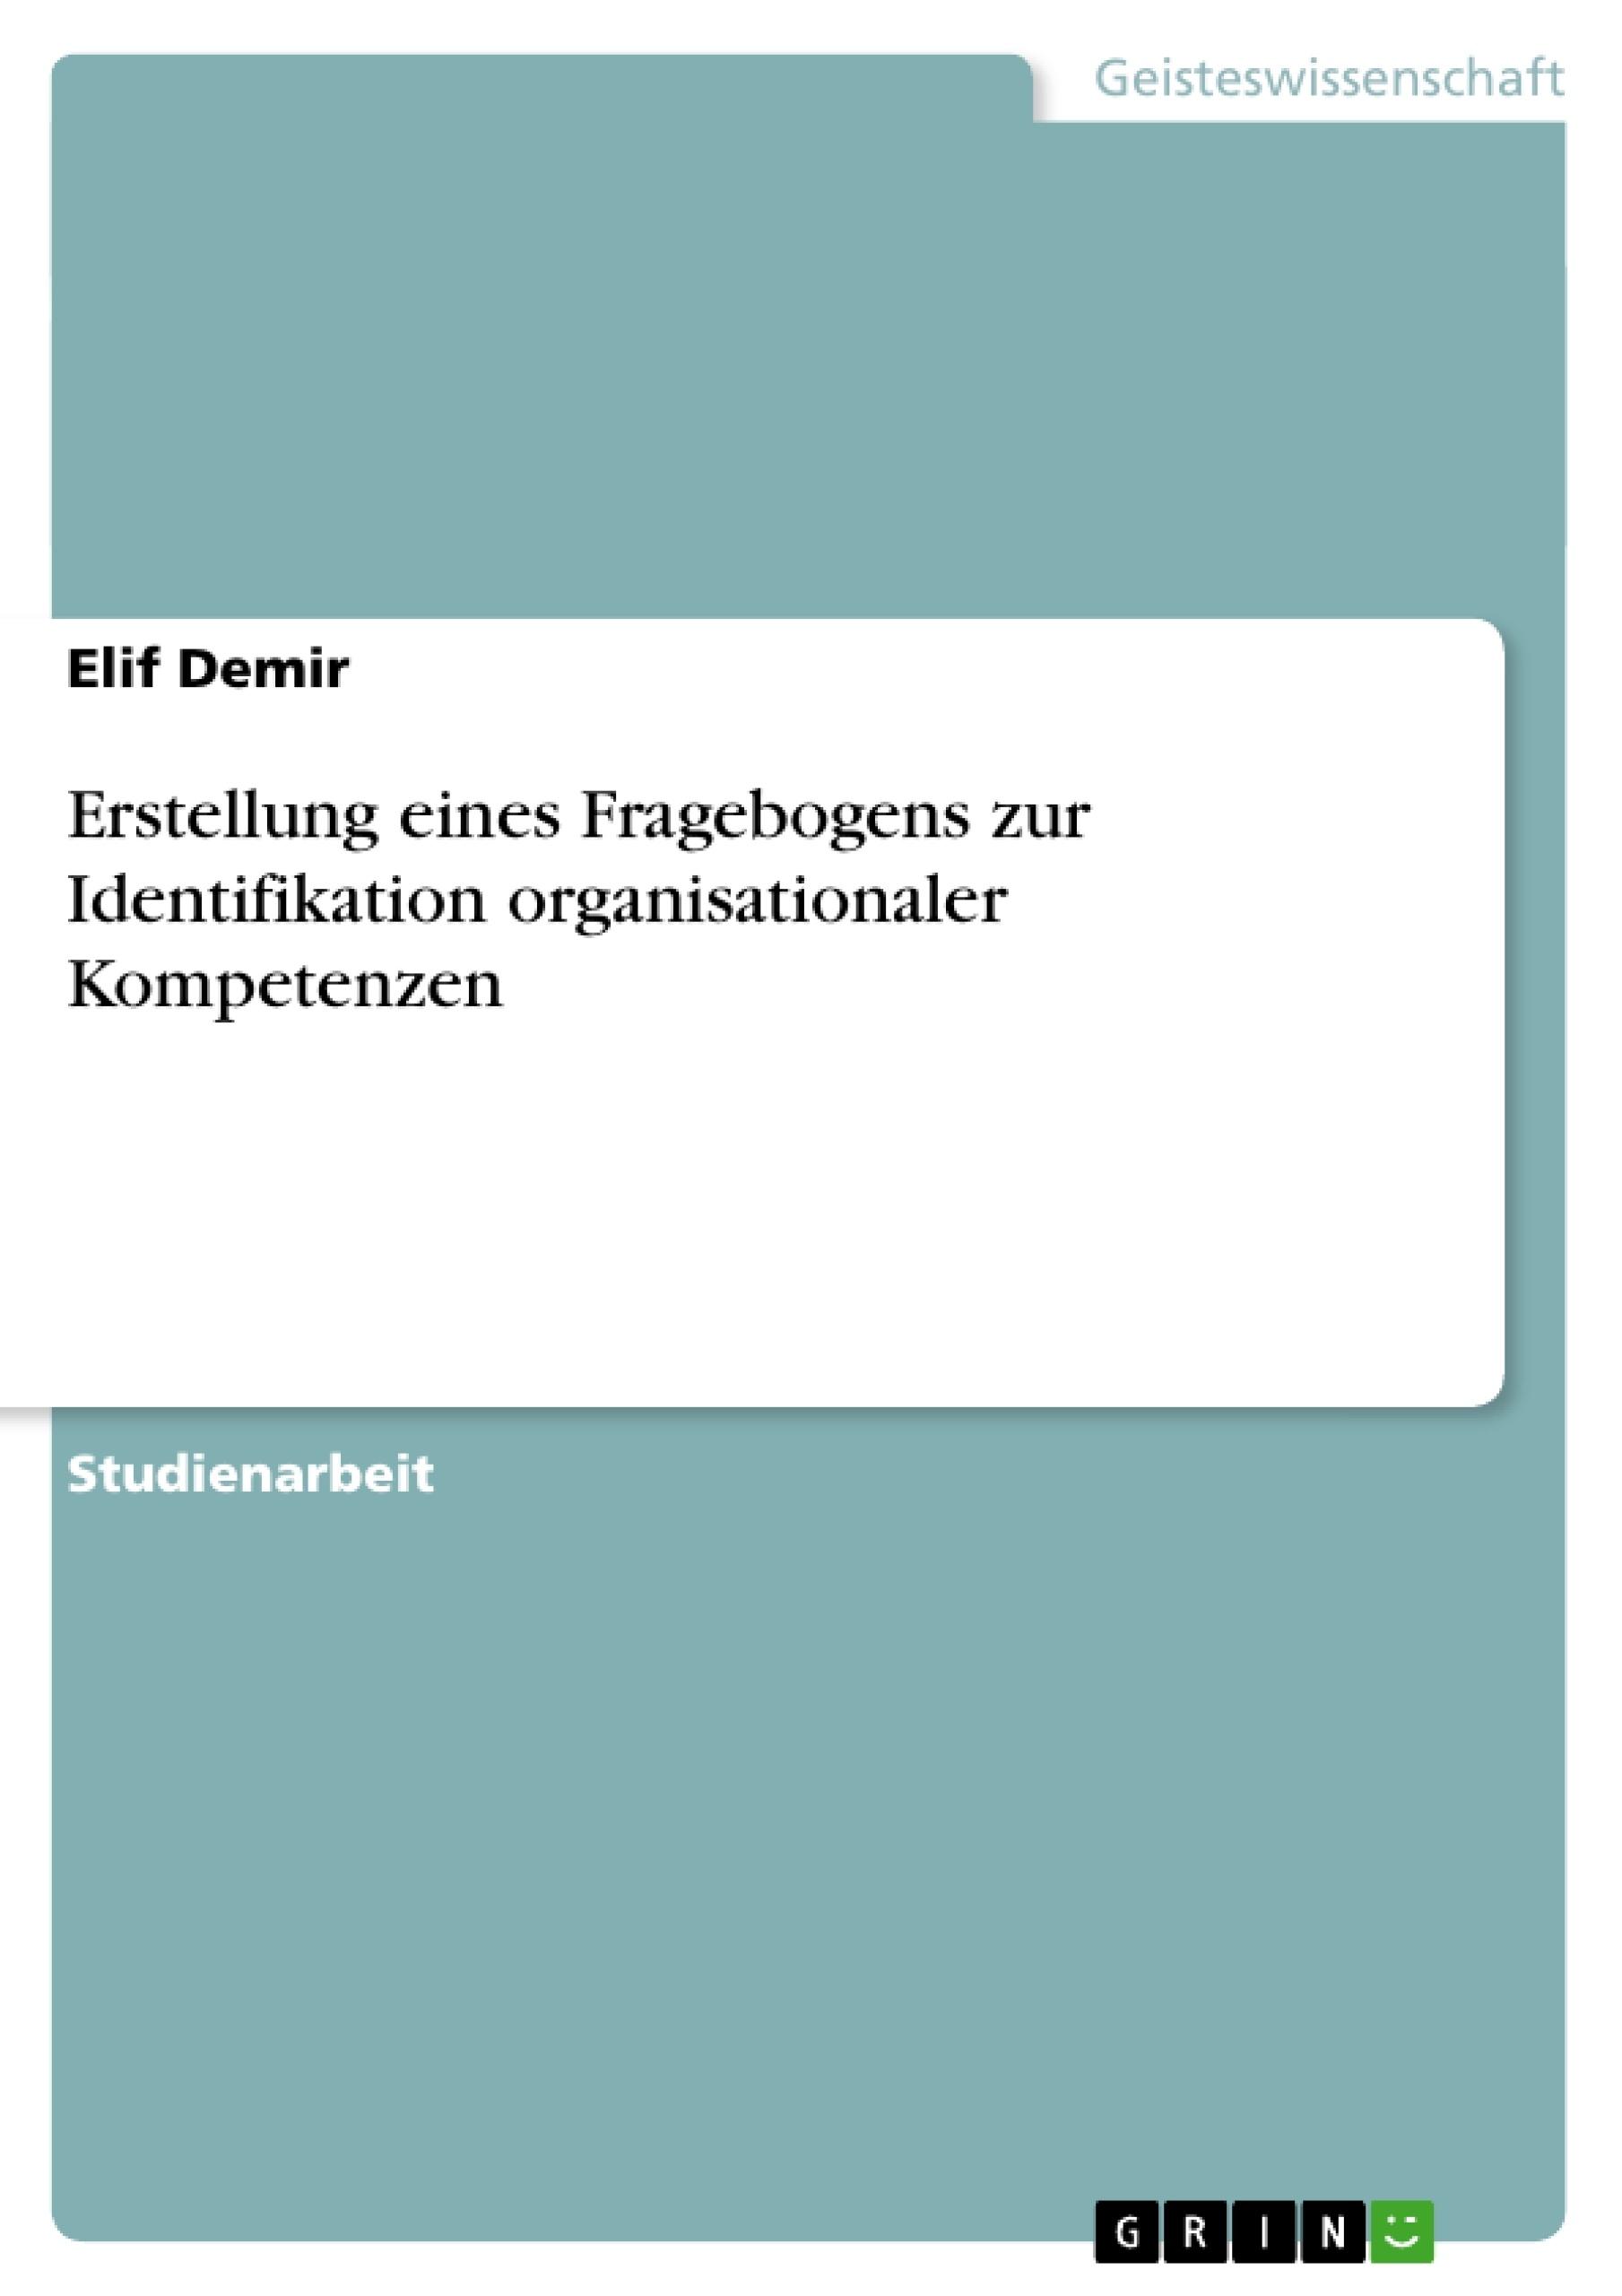 Titel: Erstellung eines Fragebogens zur Identifikation organisationaler Kompetenzen